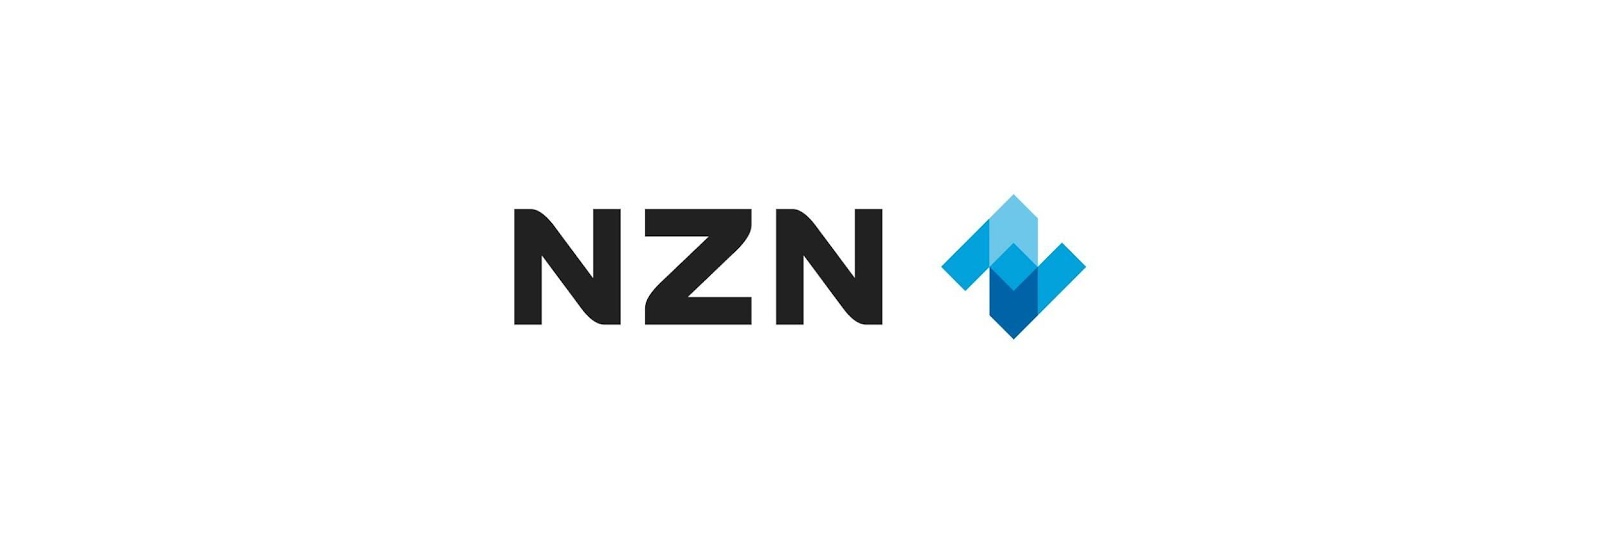 NZN Projetos especiais